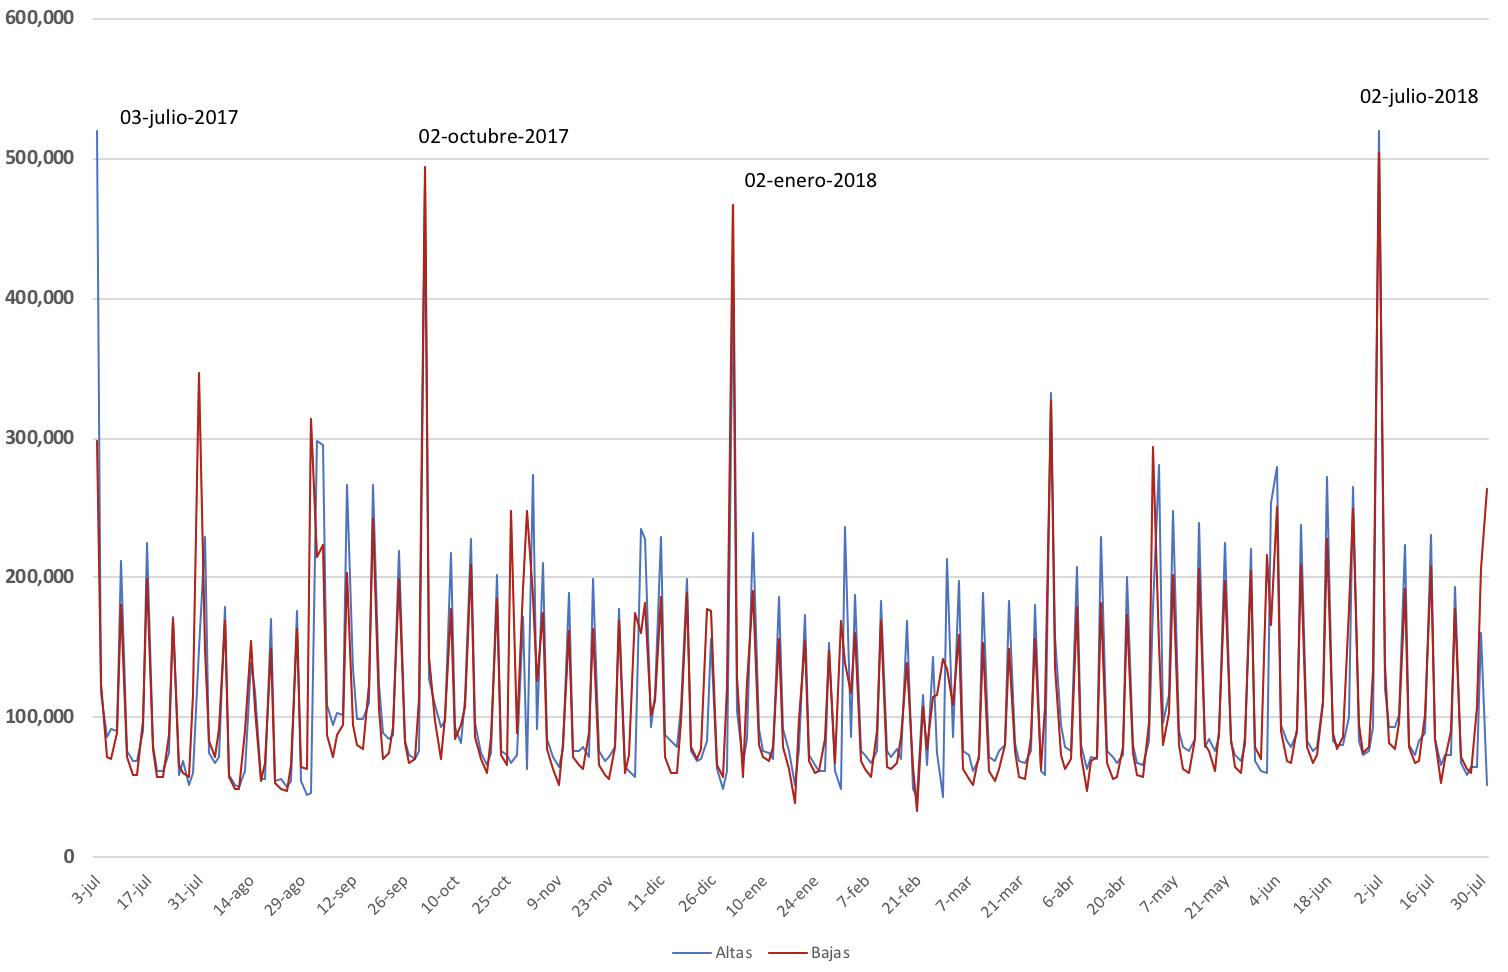 2 julio 2018: el día en el que se destruyeron  504.630 afiliados y se crearon 519.126